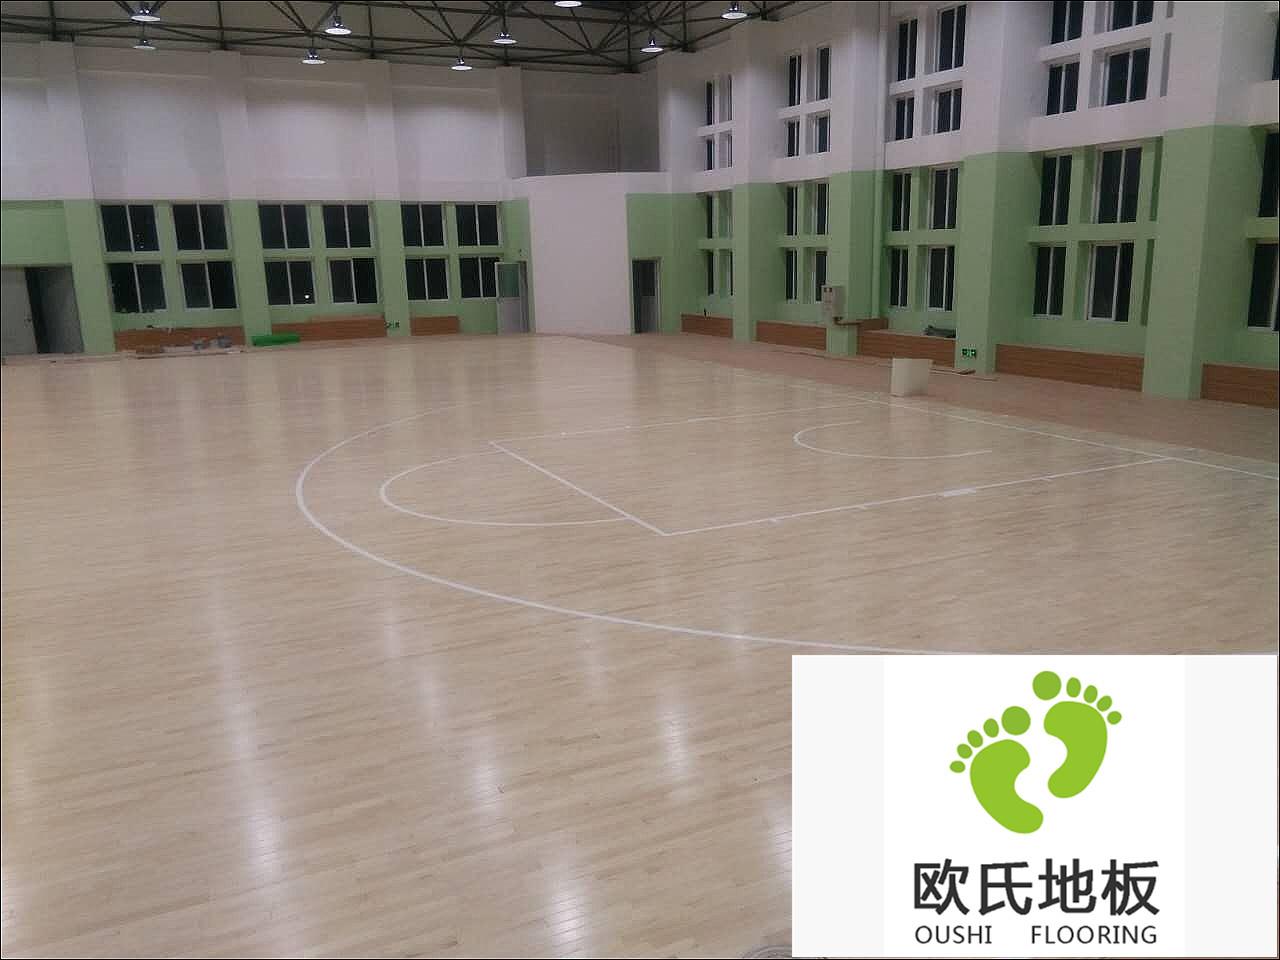 汕头特殊教育学校篮球馆BOB棋牌app下载案例